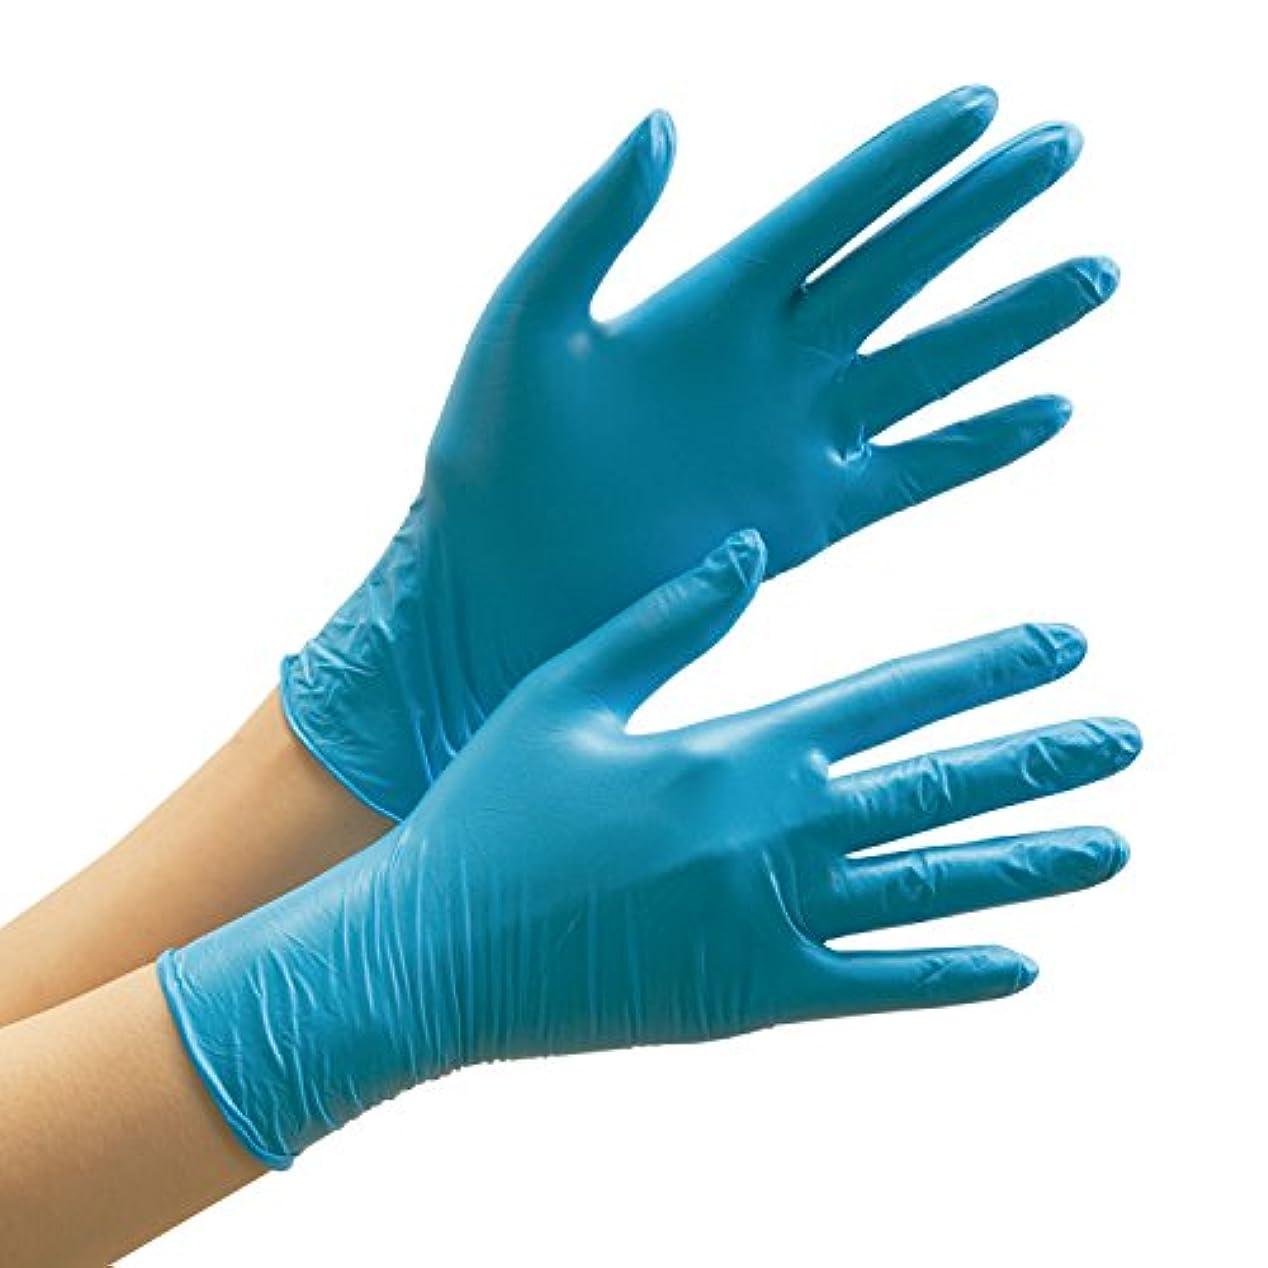 処理手配するしたいミドリ安全 ニトリルディスポ手袋 粉なし ベルテ772 ブルー 100枚入